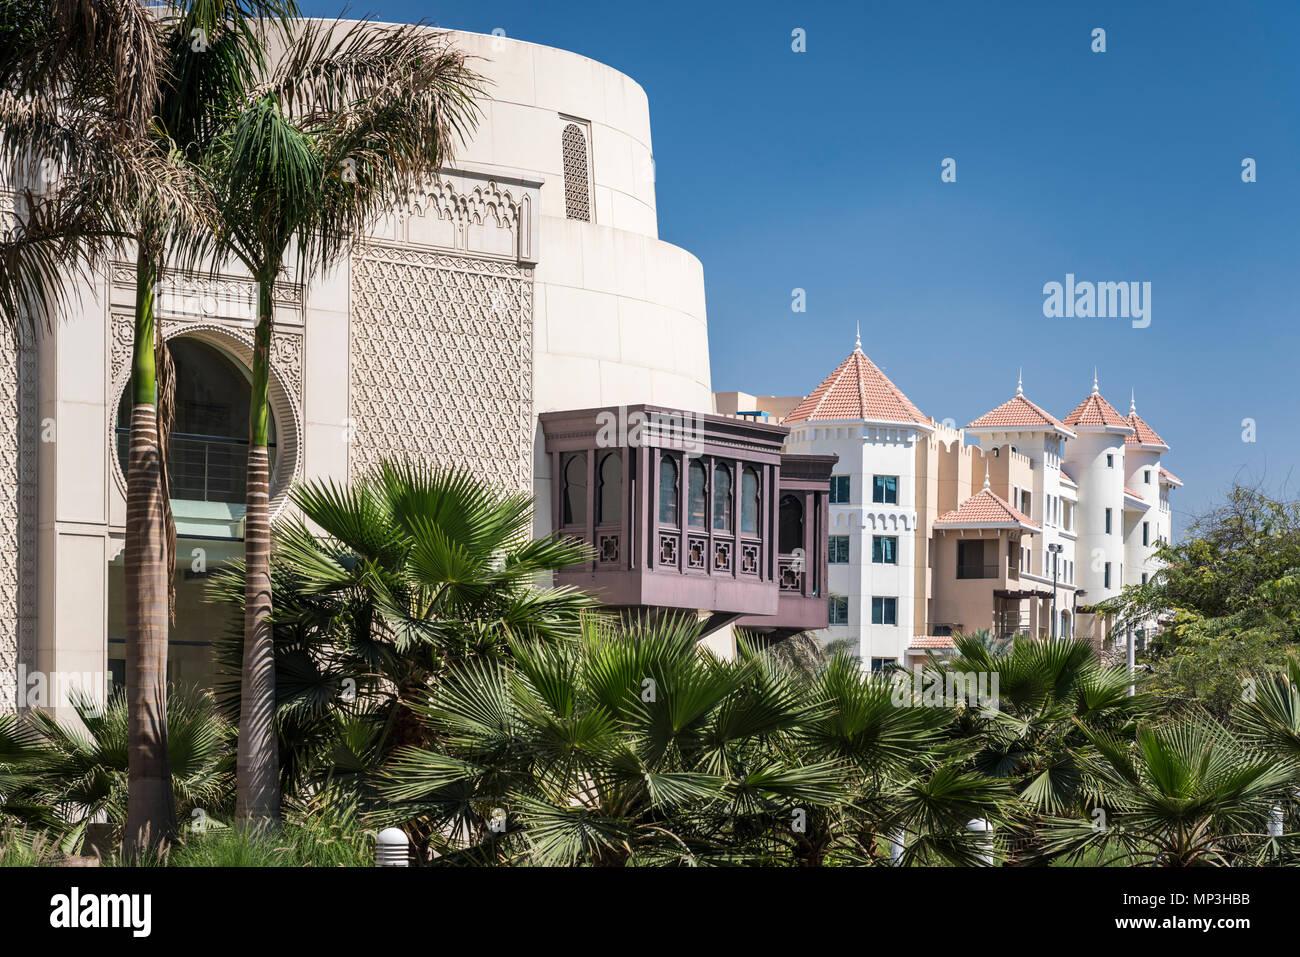 Architektur Emirat im Gebäude in der Nähe der Wafi Shopping Center, Dubai, Vereinigte Arabische Emirate, Naher Osten. Stockfoto